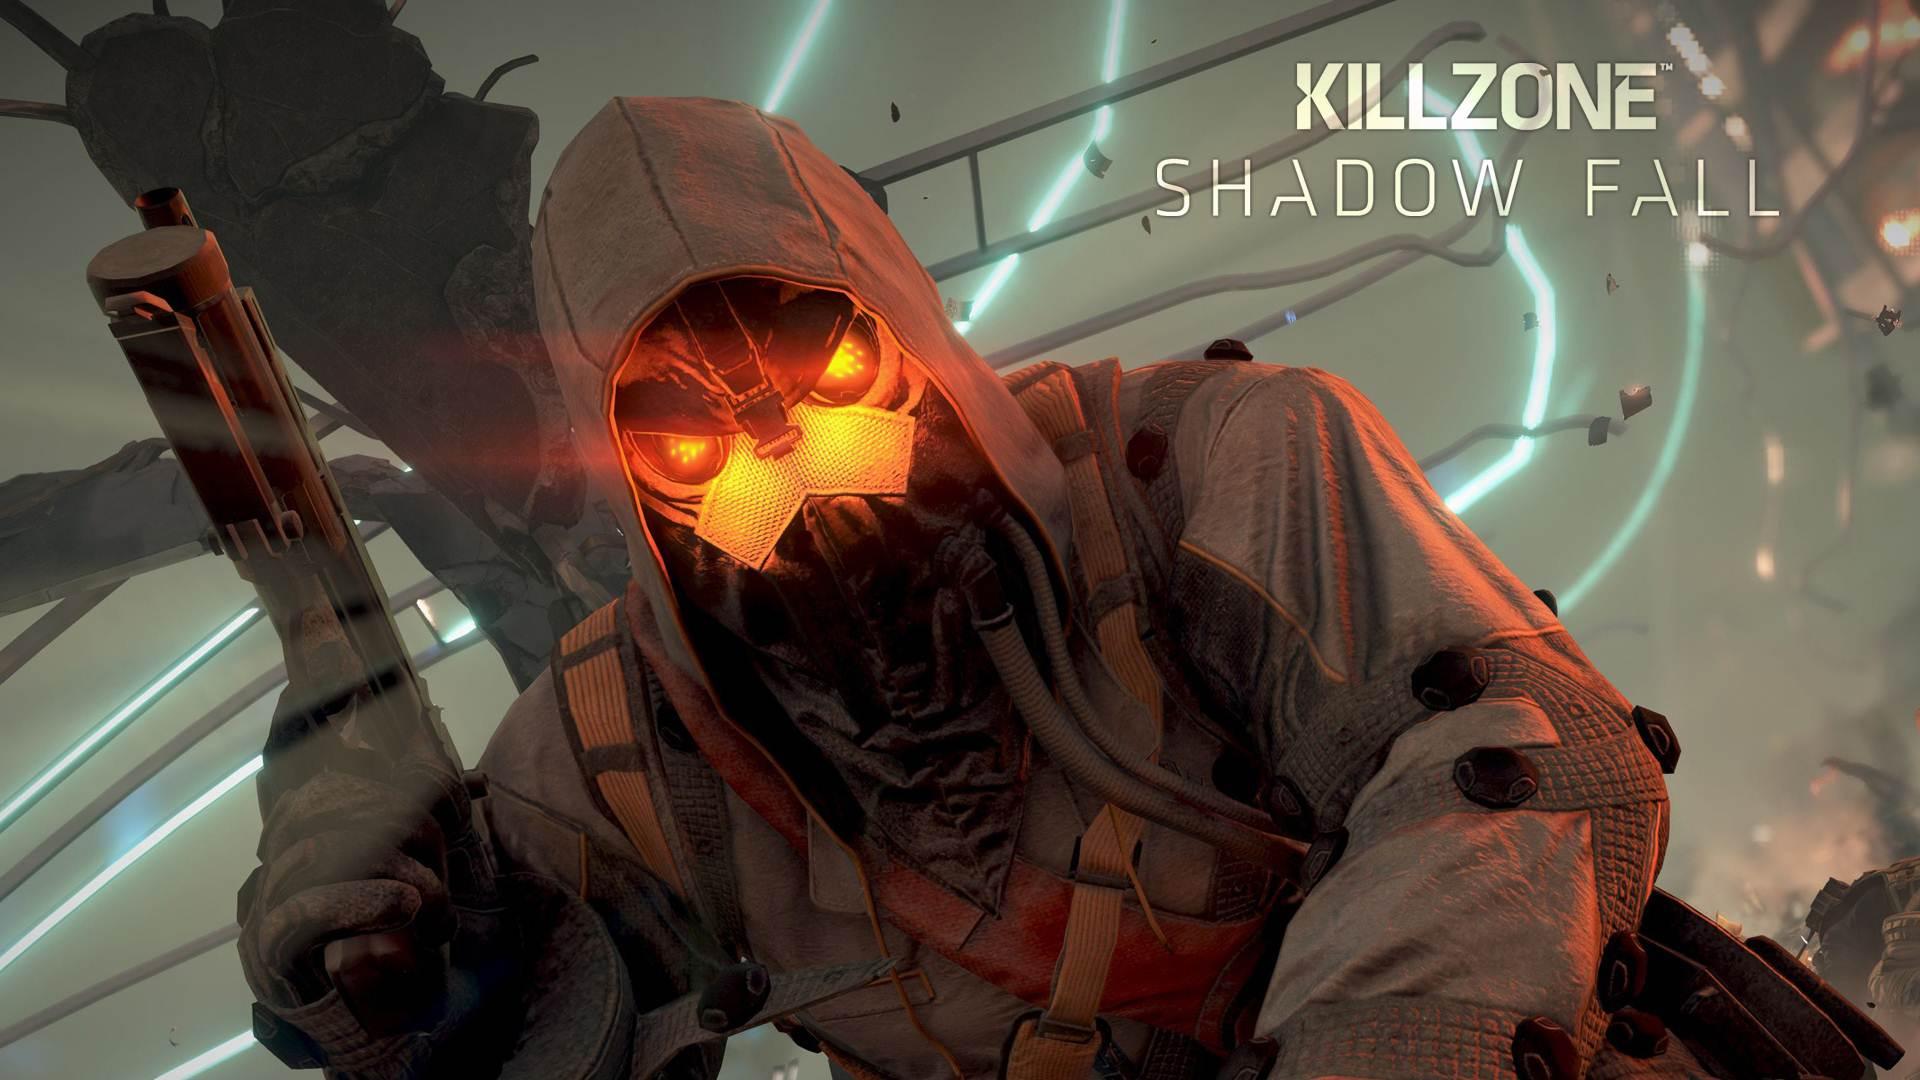 O site oficial do Killzone fou encerrado, lançando dúvidas sobre se a outrora popular franquia de tiro em primeira pessoa tem futuro.